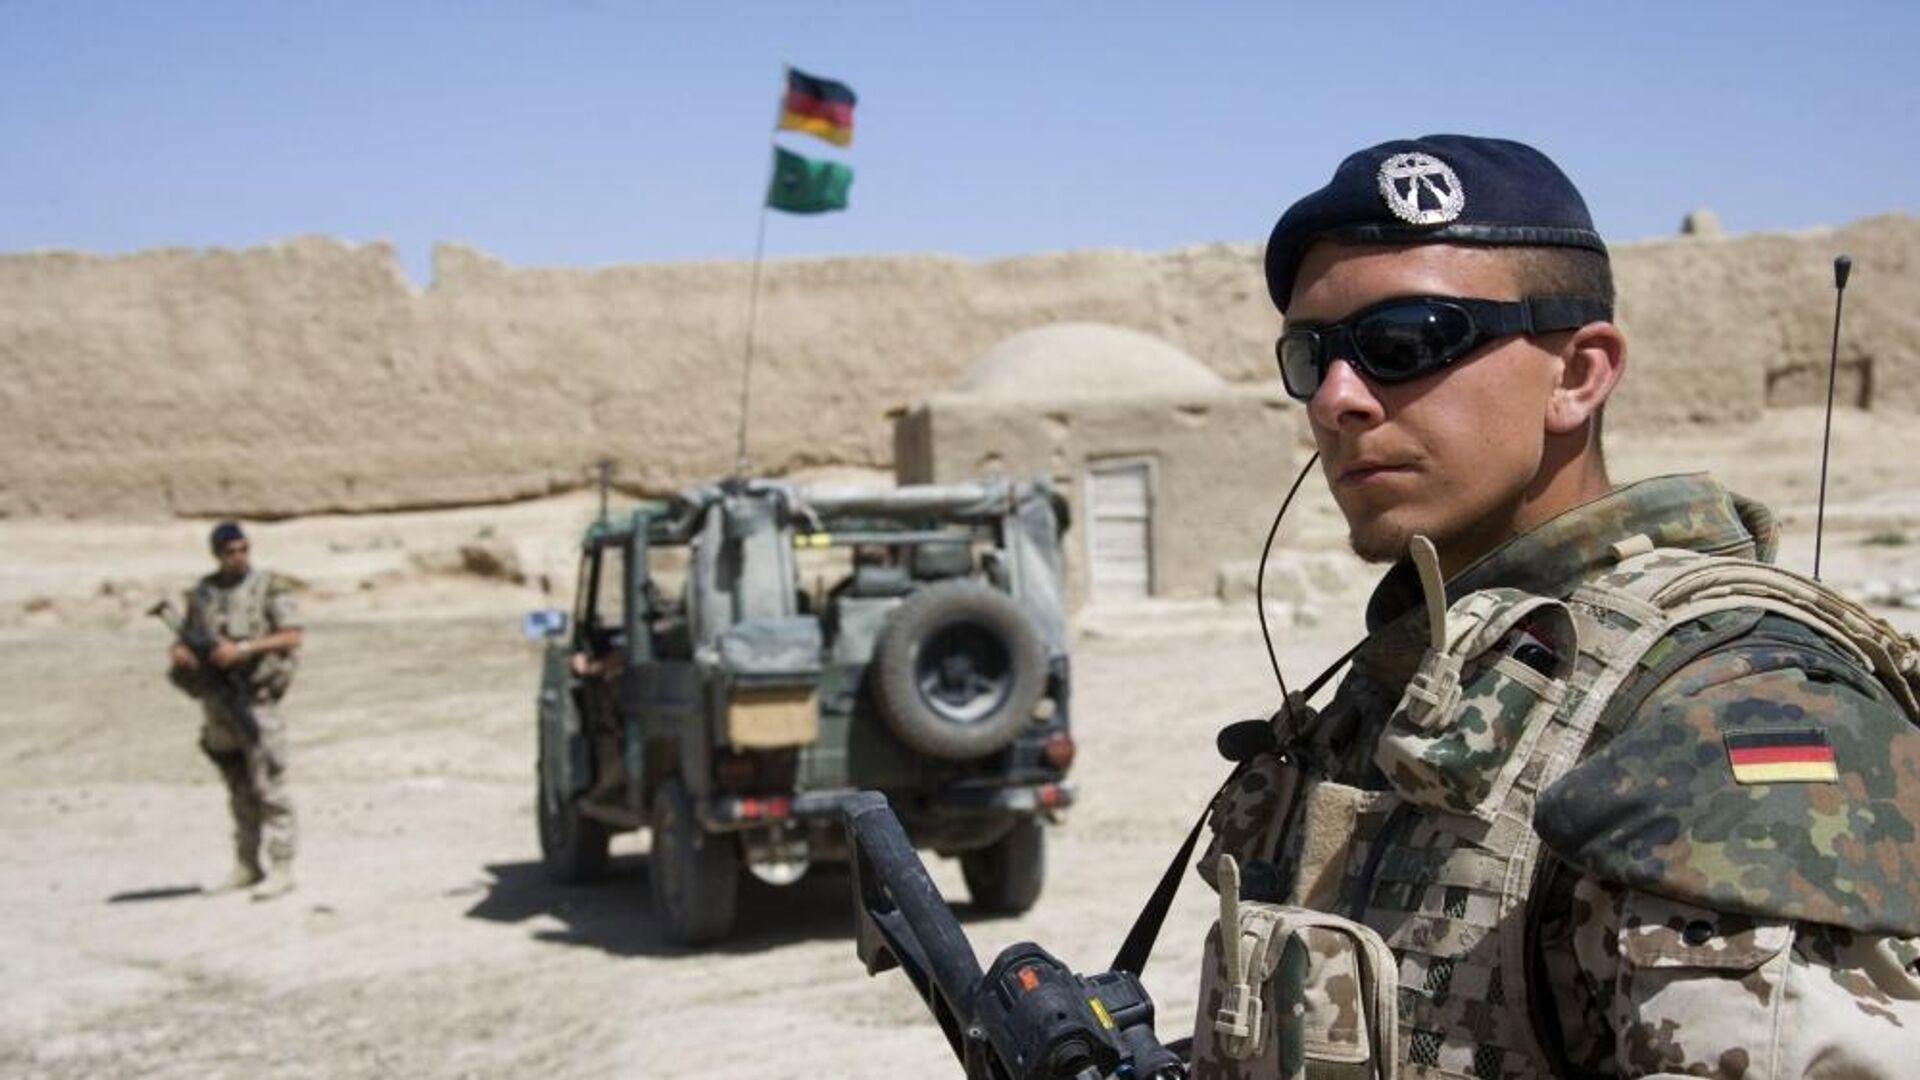 Bundeswehr-Soldat in Afghanistan (Archivbild) - SNA, 1920, 28.04.2021